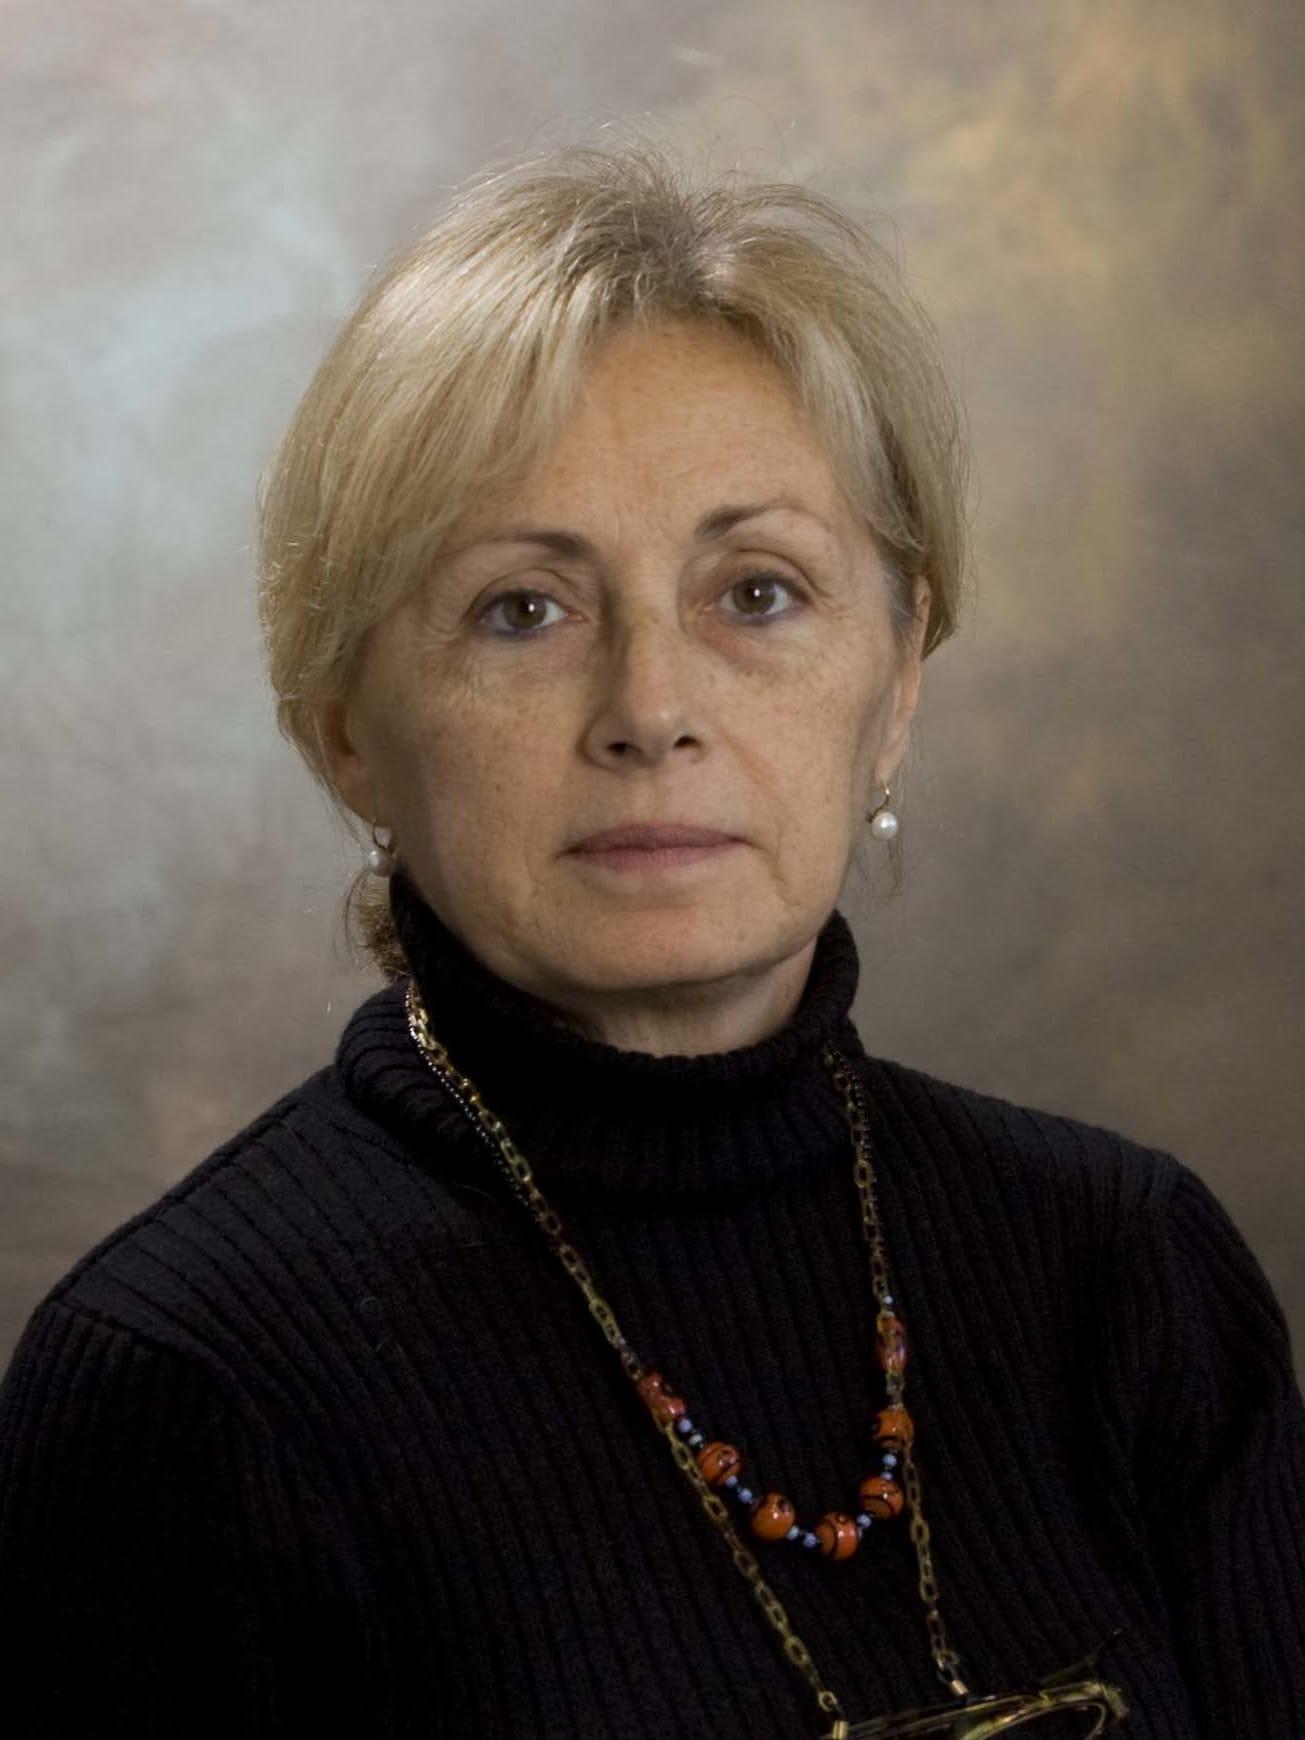 Sonia Caprio